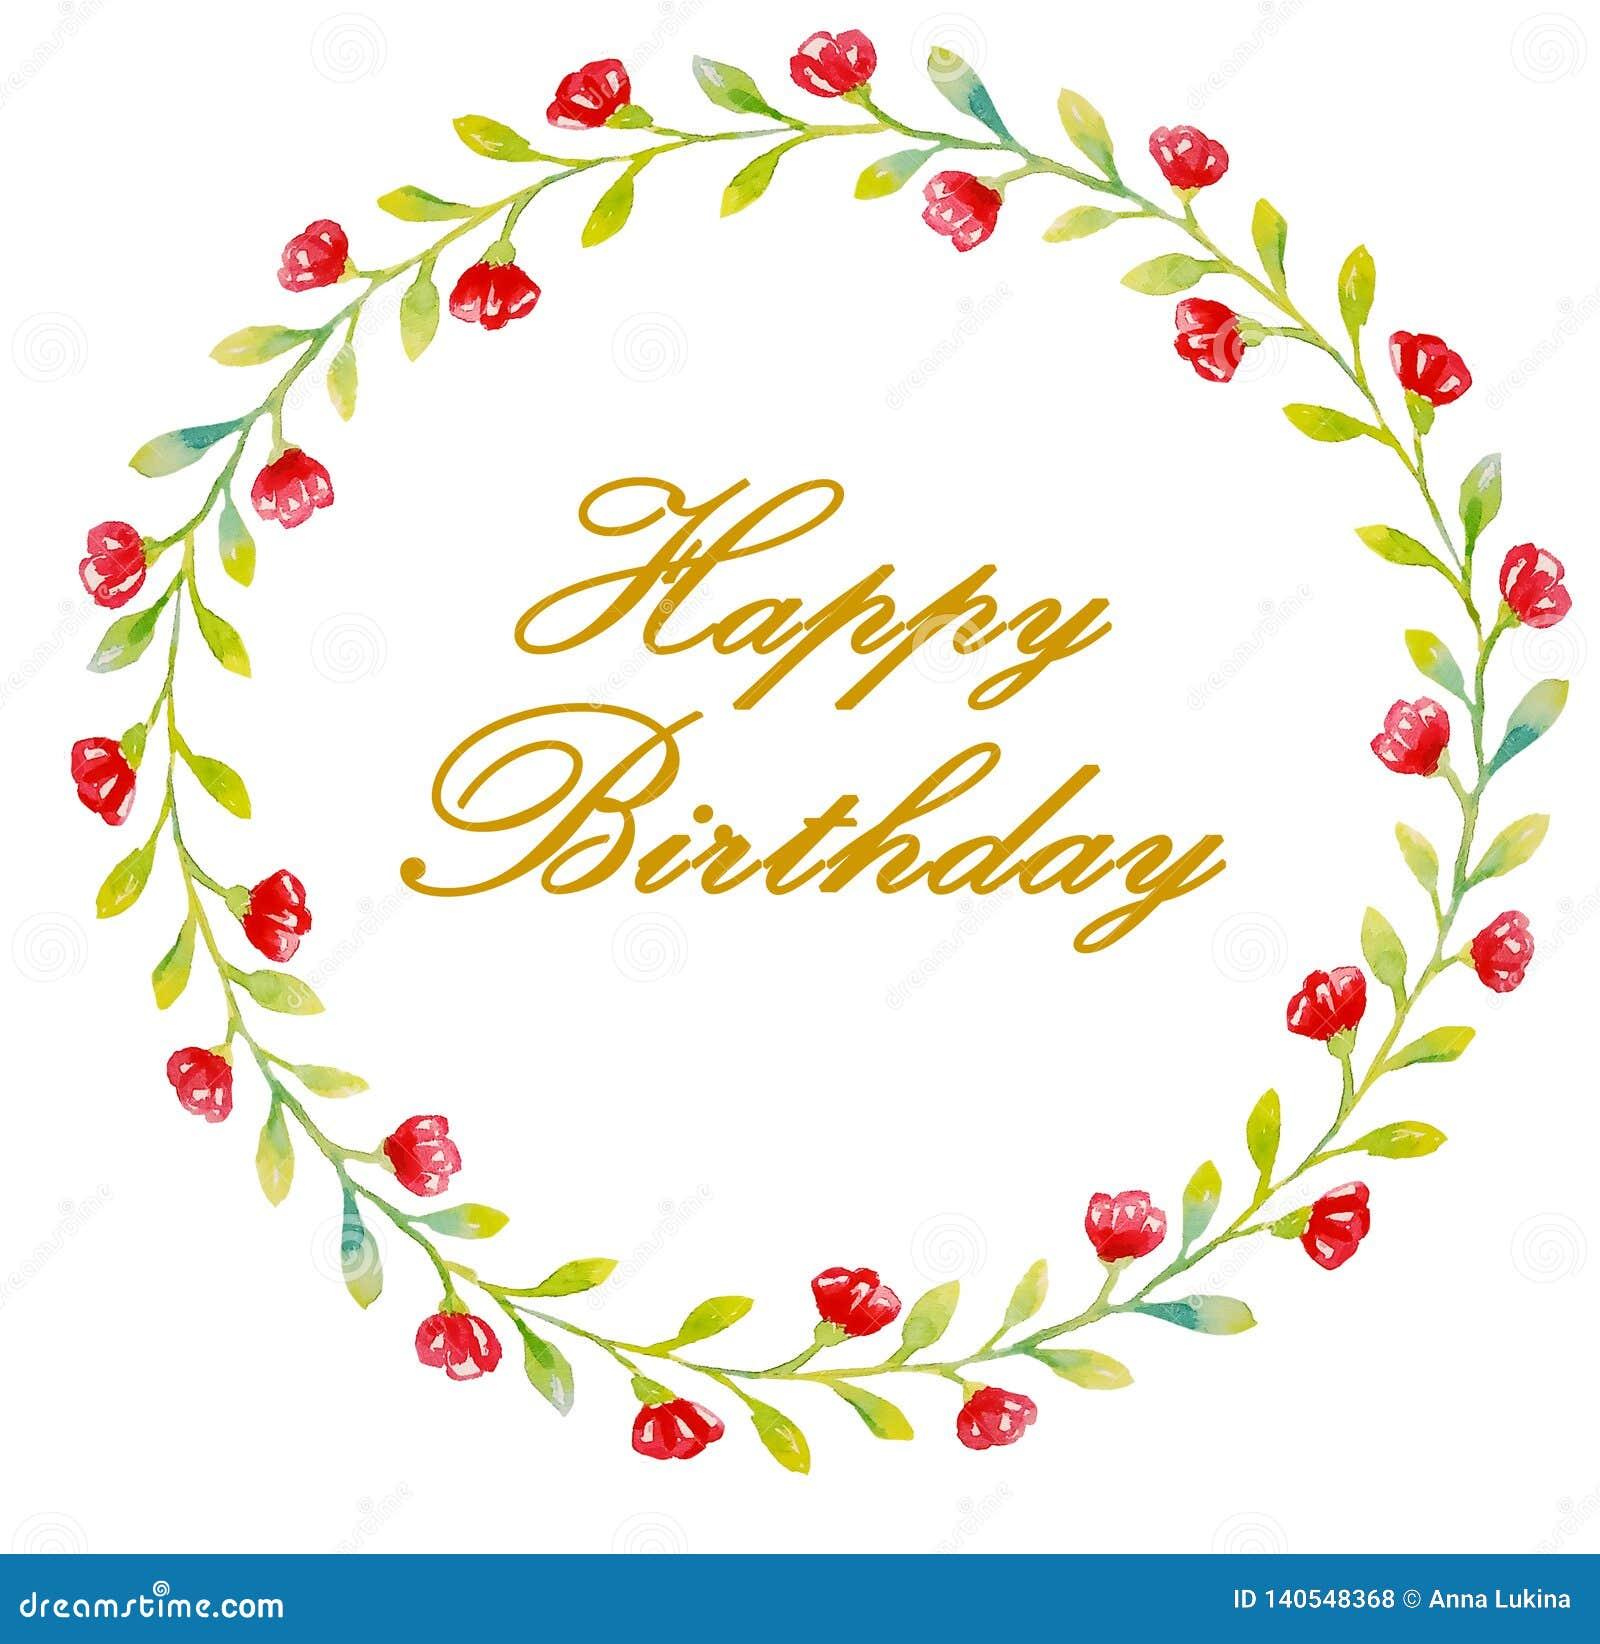 Letras douradas do feliz aniversario em uma grinalda de flores vermelhas e das folhas pequenas verdes para cartões, cumprimentos